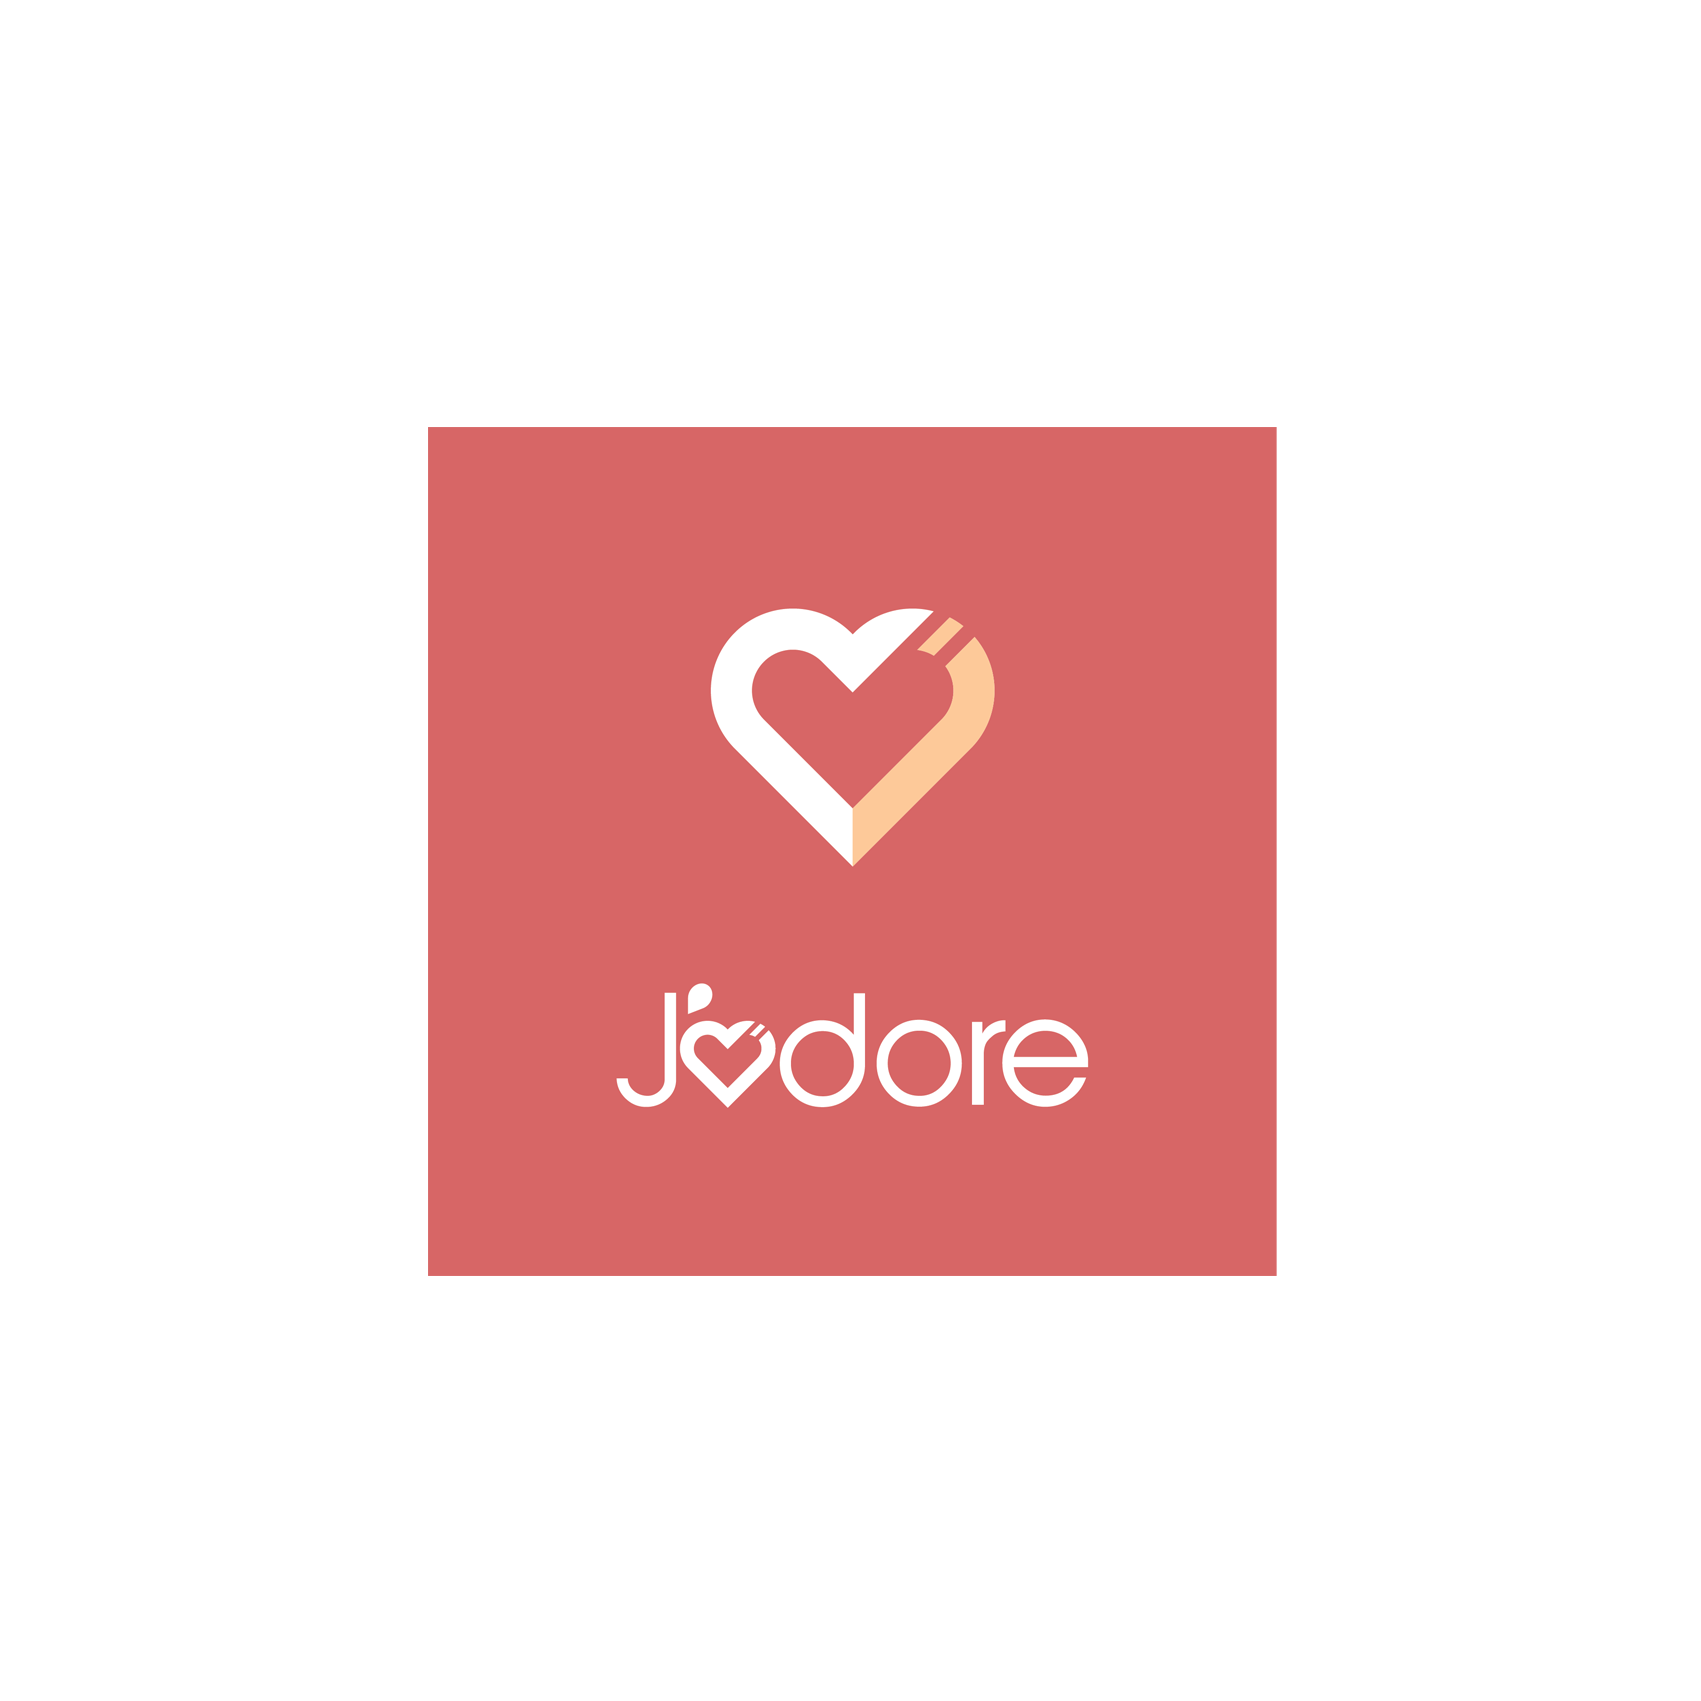 Jadore-Consulting-thiết kế bởi Helixgram logo trọn bộ nhận diện thương hiệu thiết kế hình ảnh đại diện brand identity thiết kế đồ họa in ấn quảng cáo thiết kế website WordPress Helixgram